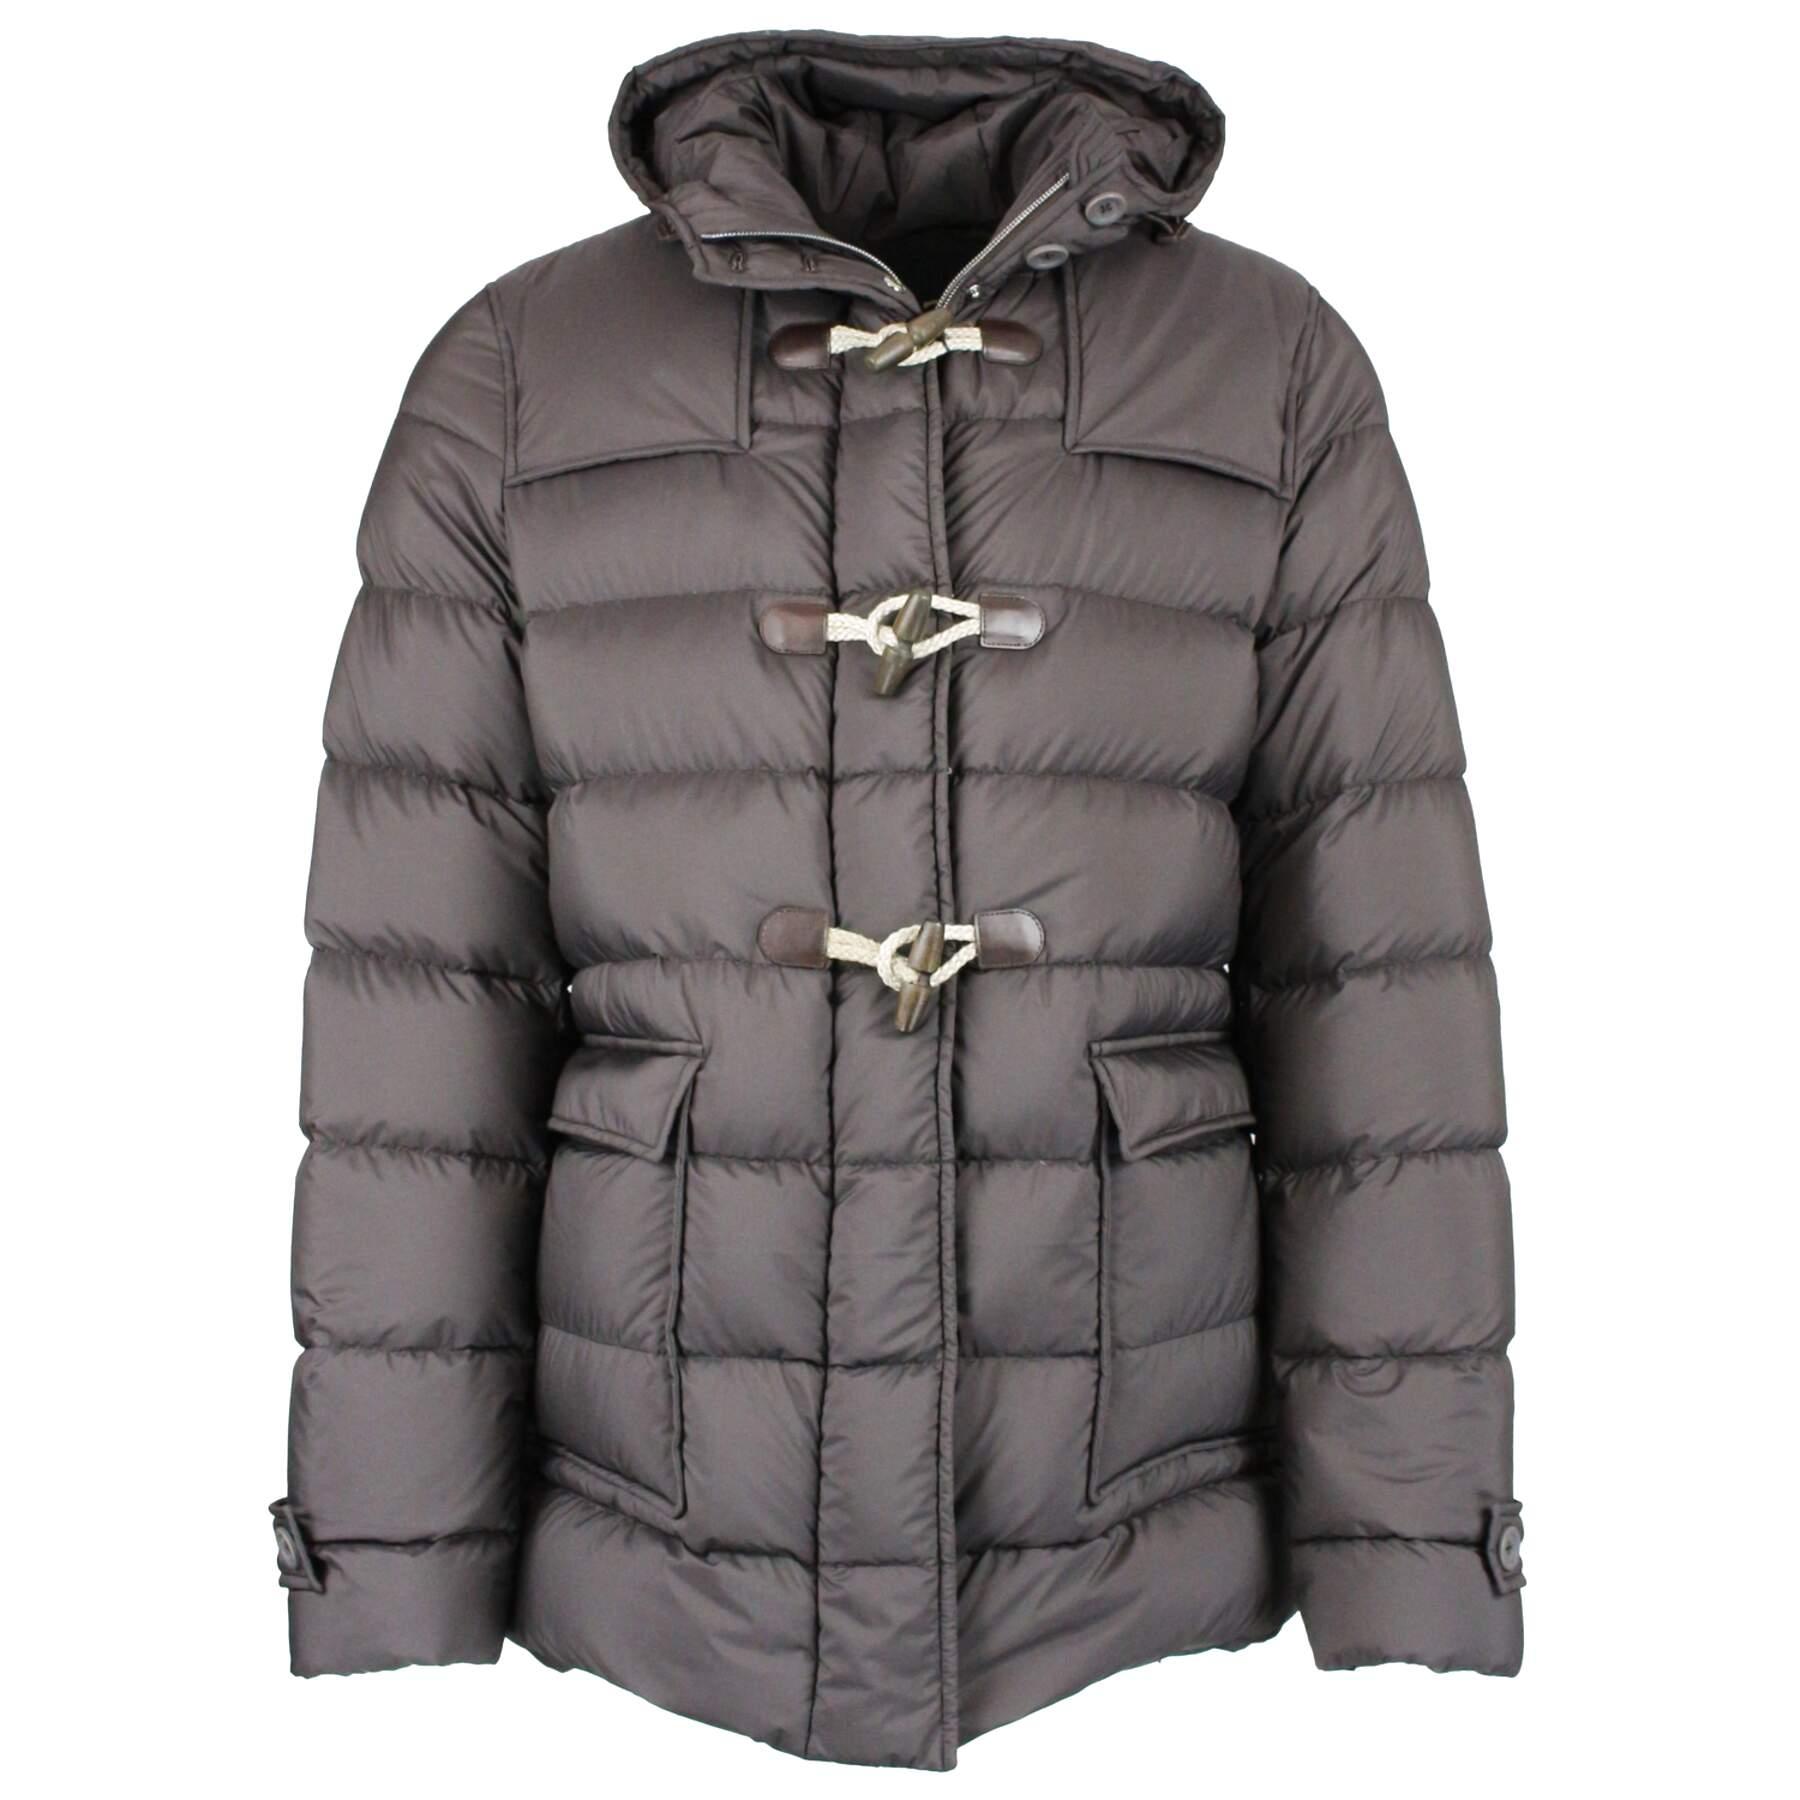 Bottoni alamari LEGNO cappotto montgomery maglia cardigan pattina in ecopel BLU